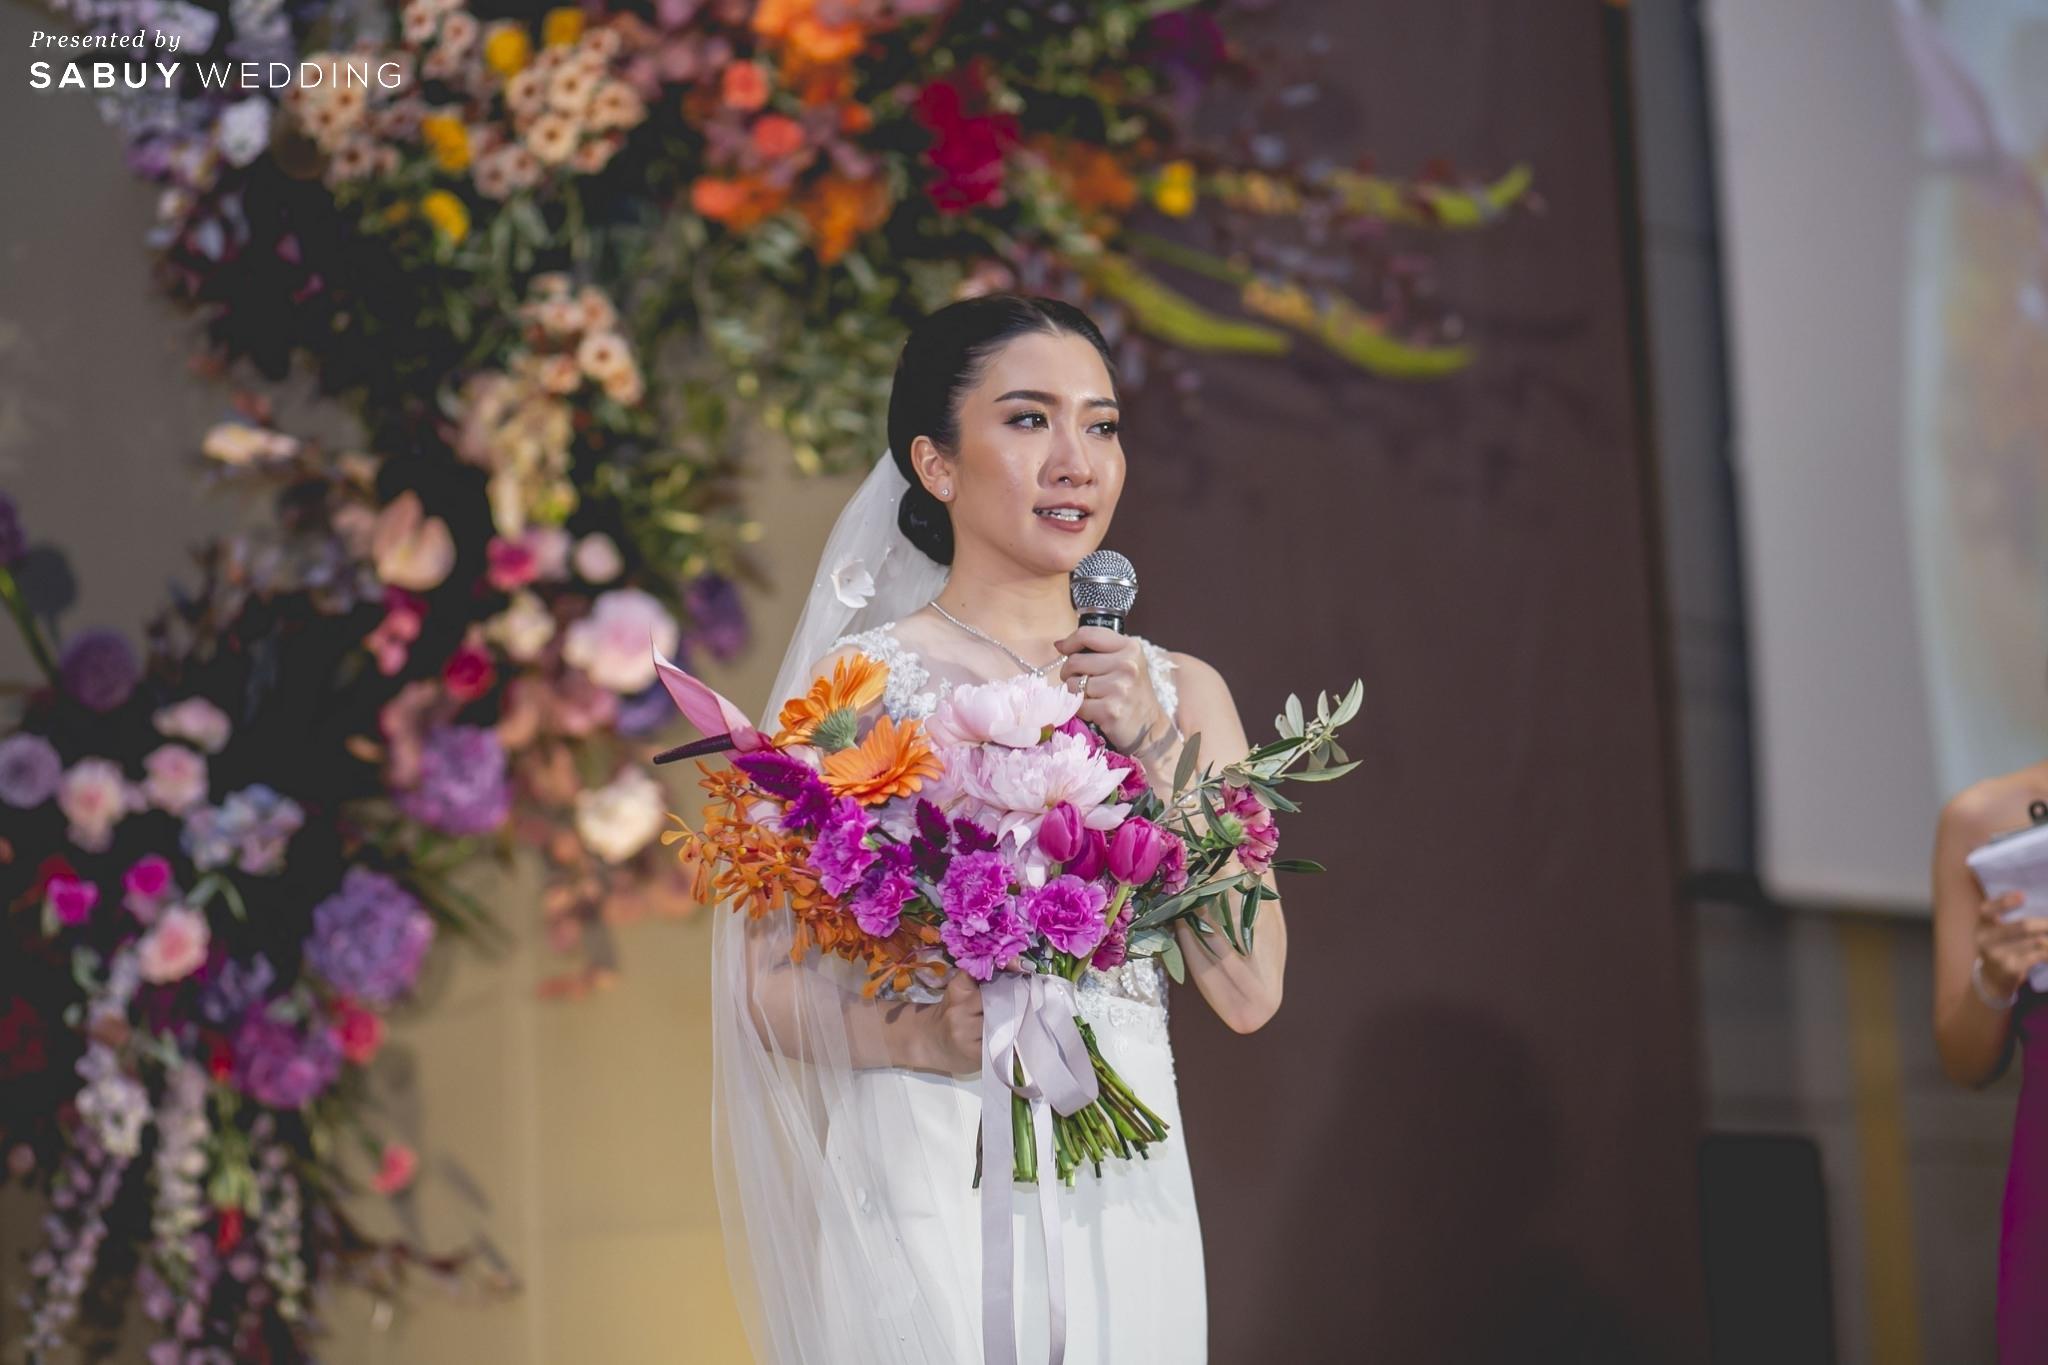 เจ้าสาว,ชุดแต่งงาน,ช่อดอกไม้เจ้าสาว รีวิวงานแต่งแซ่บจี๊ดใจ สวยสดใสด้วยโทนสี Colorful @ AVANI+ Riverside Bangkok Hotel